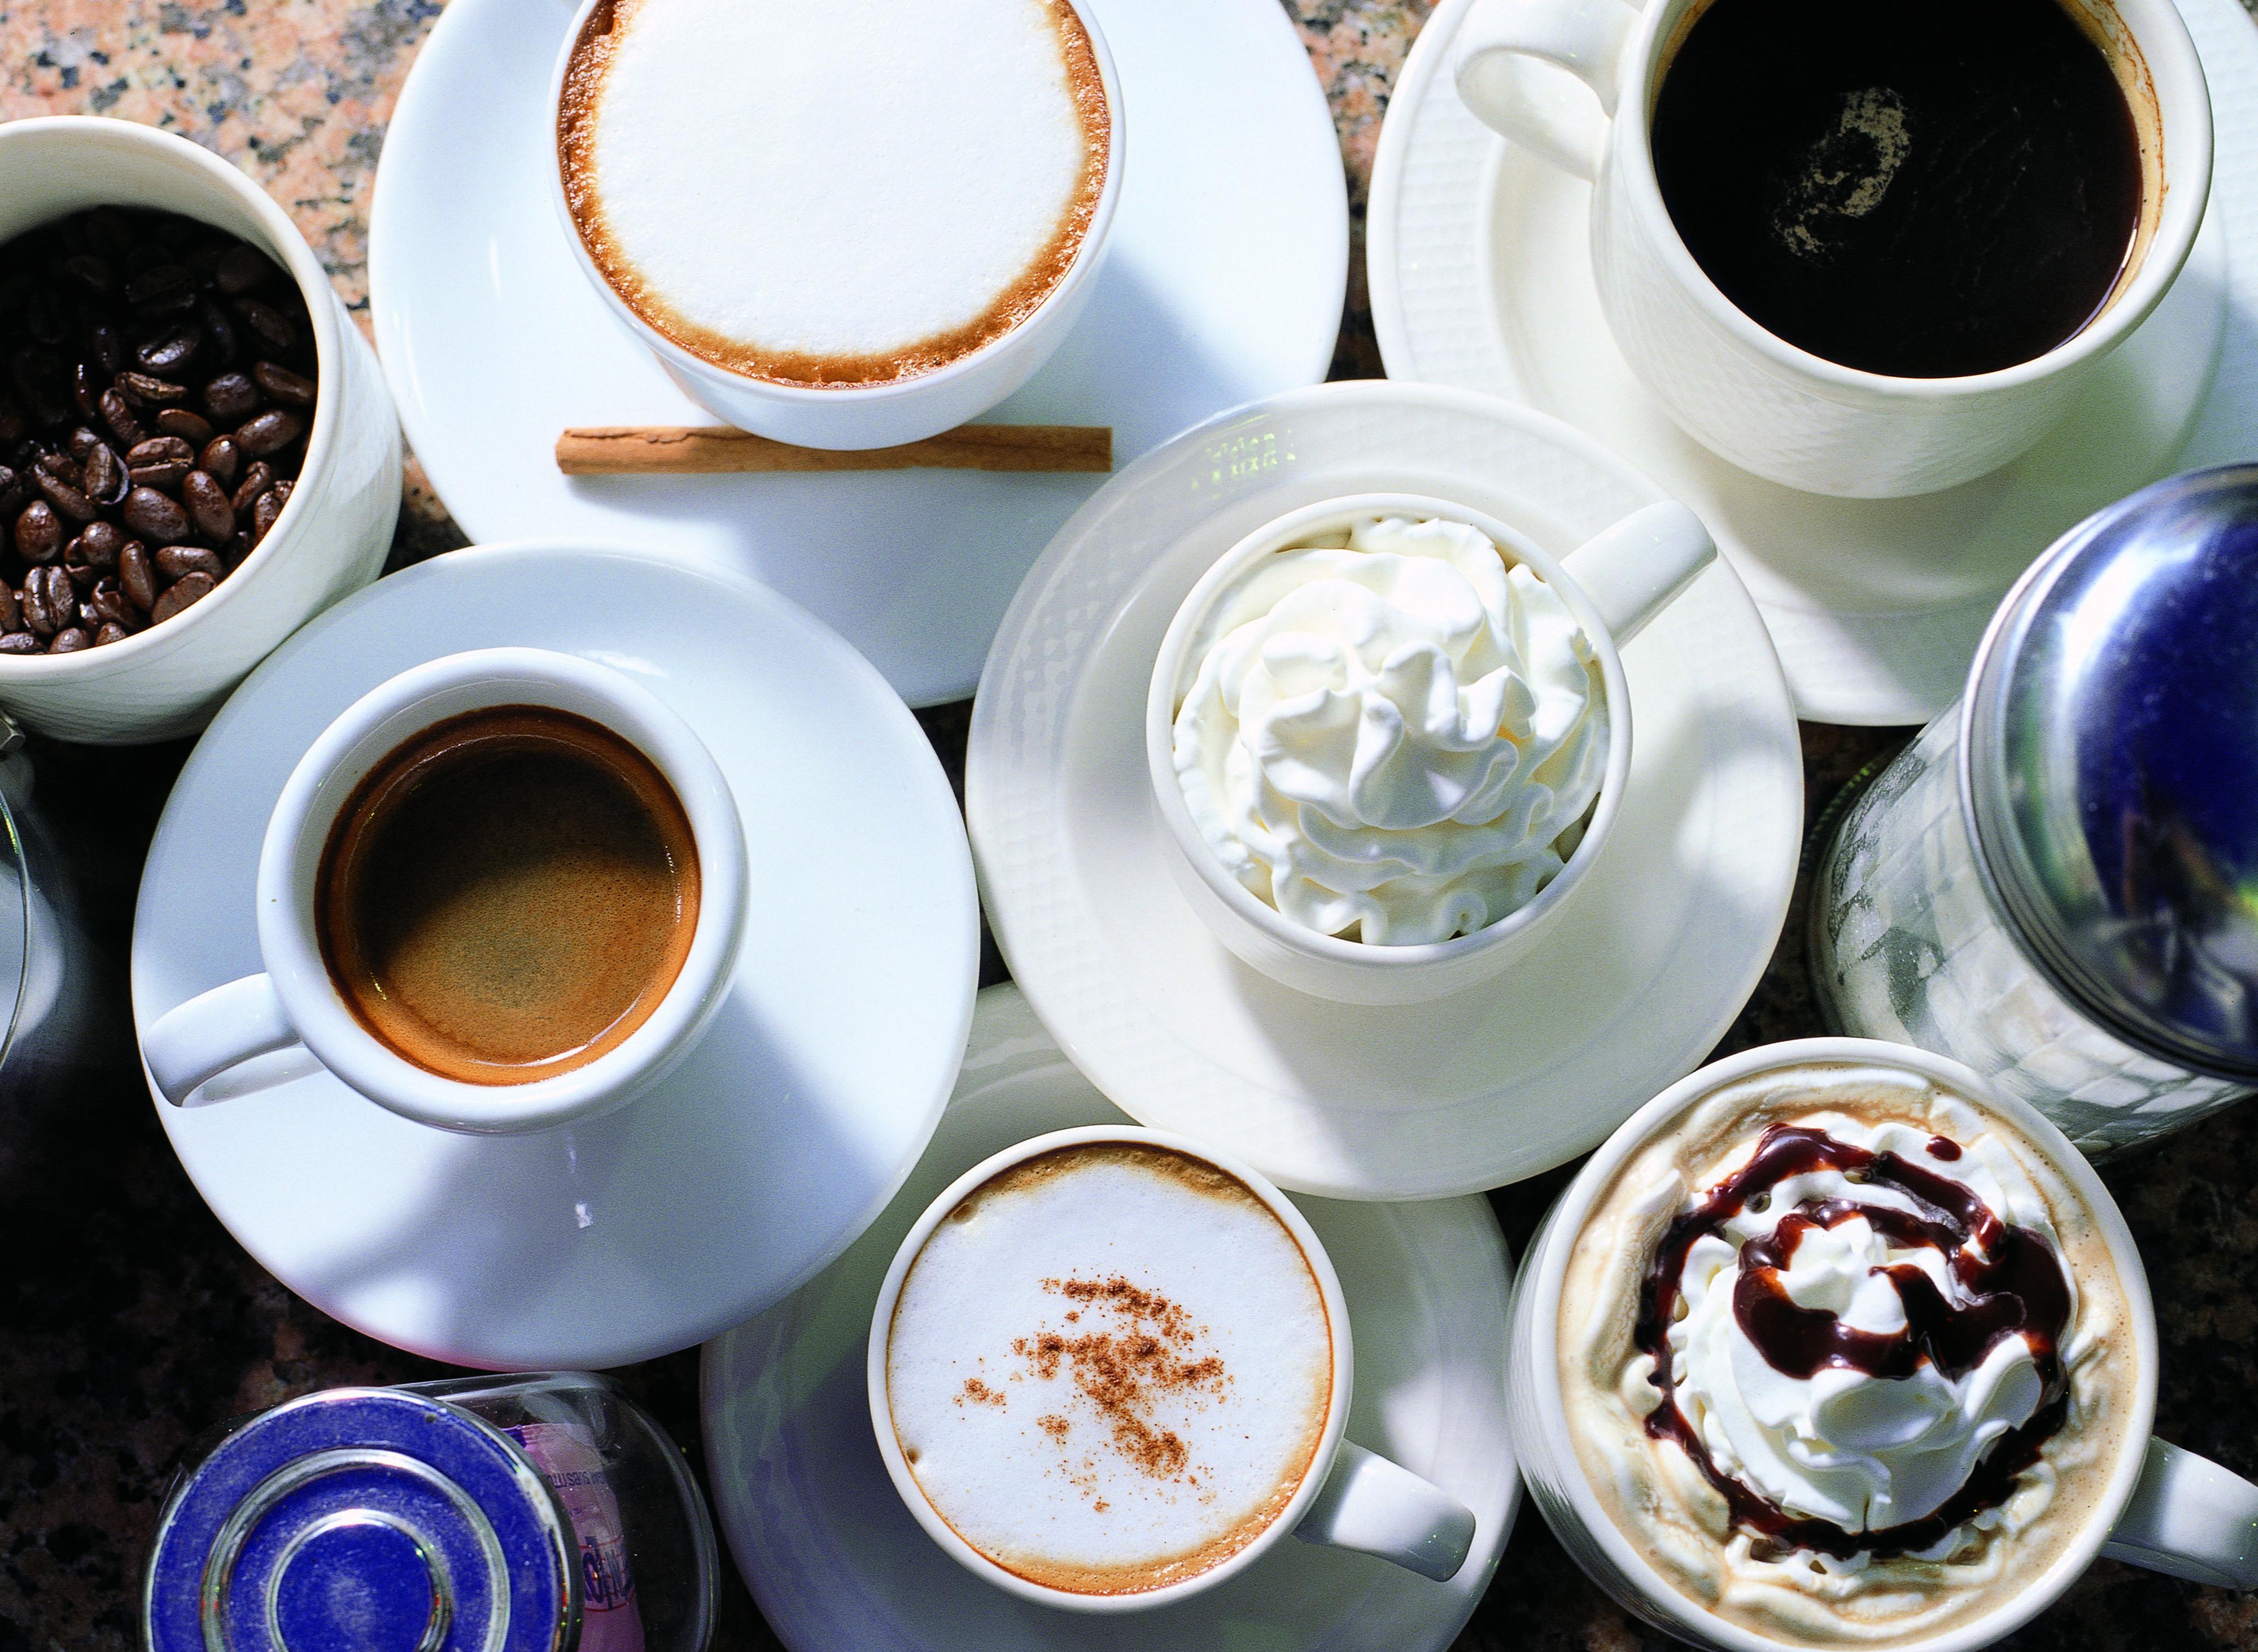 кофе чашка блюдце  № 2172608 загрузить